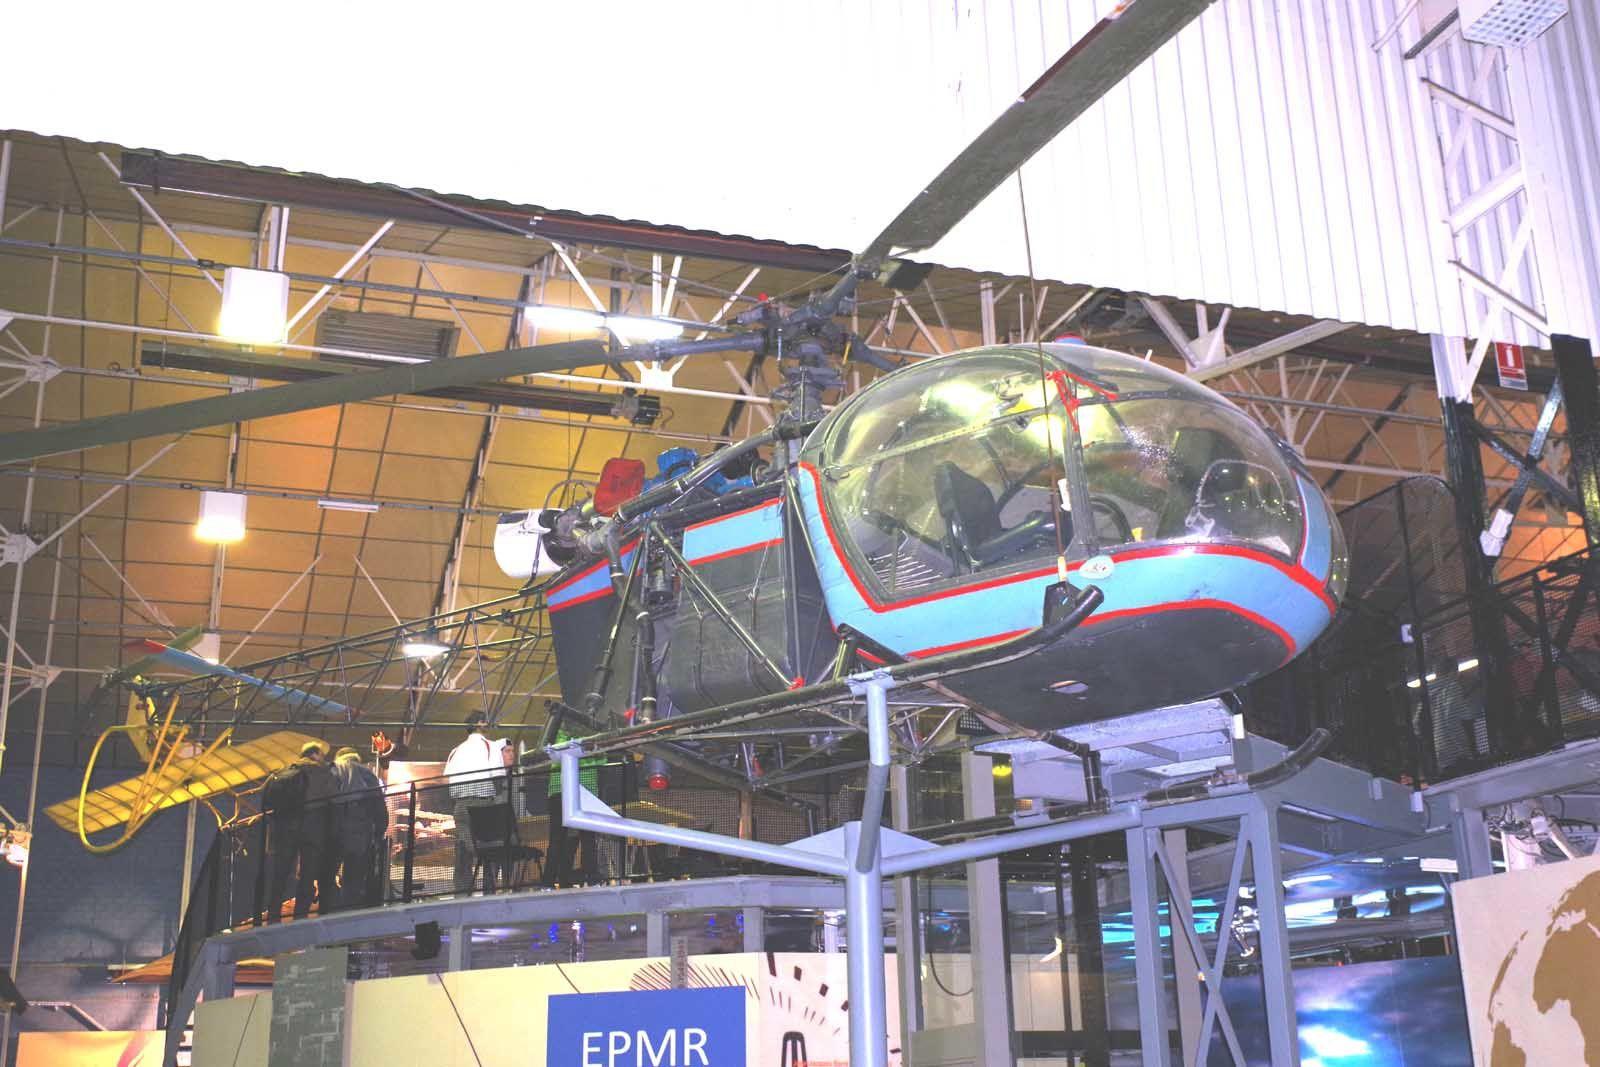 Restons dans le vol vertical avec un appareil plus traditionnel, l'Aérospatiale SE-3130 Alouette II. Celle-ci provient du CELAG, de Grenoble, qui l'a restauré à partir de plusieurs épaves et n'a donc pas de numéro.